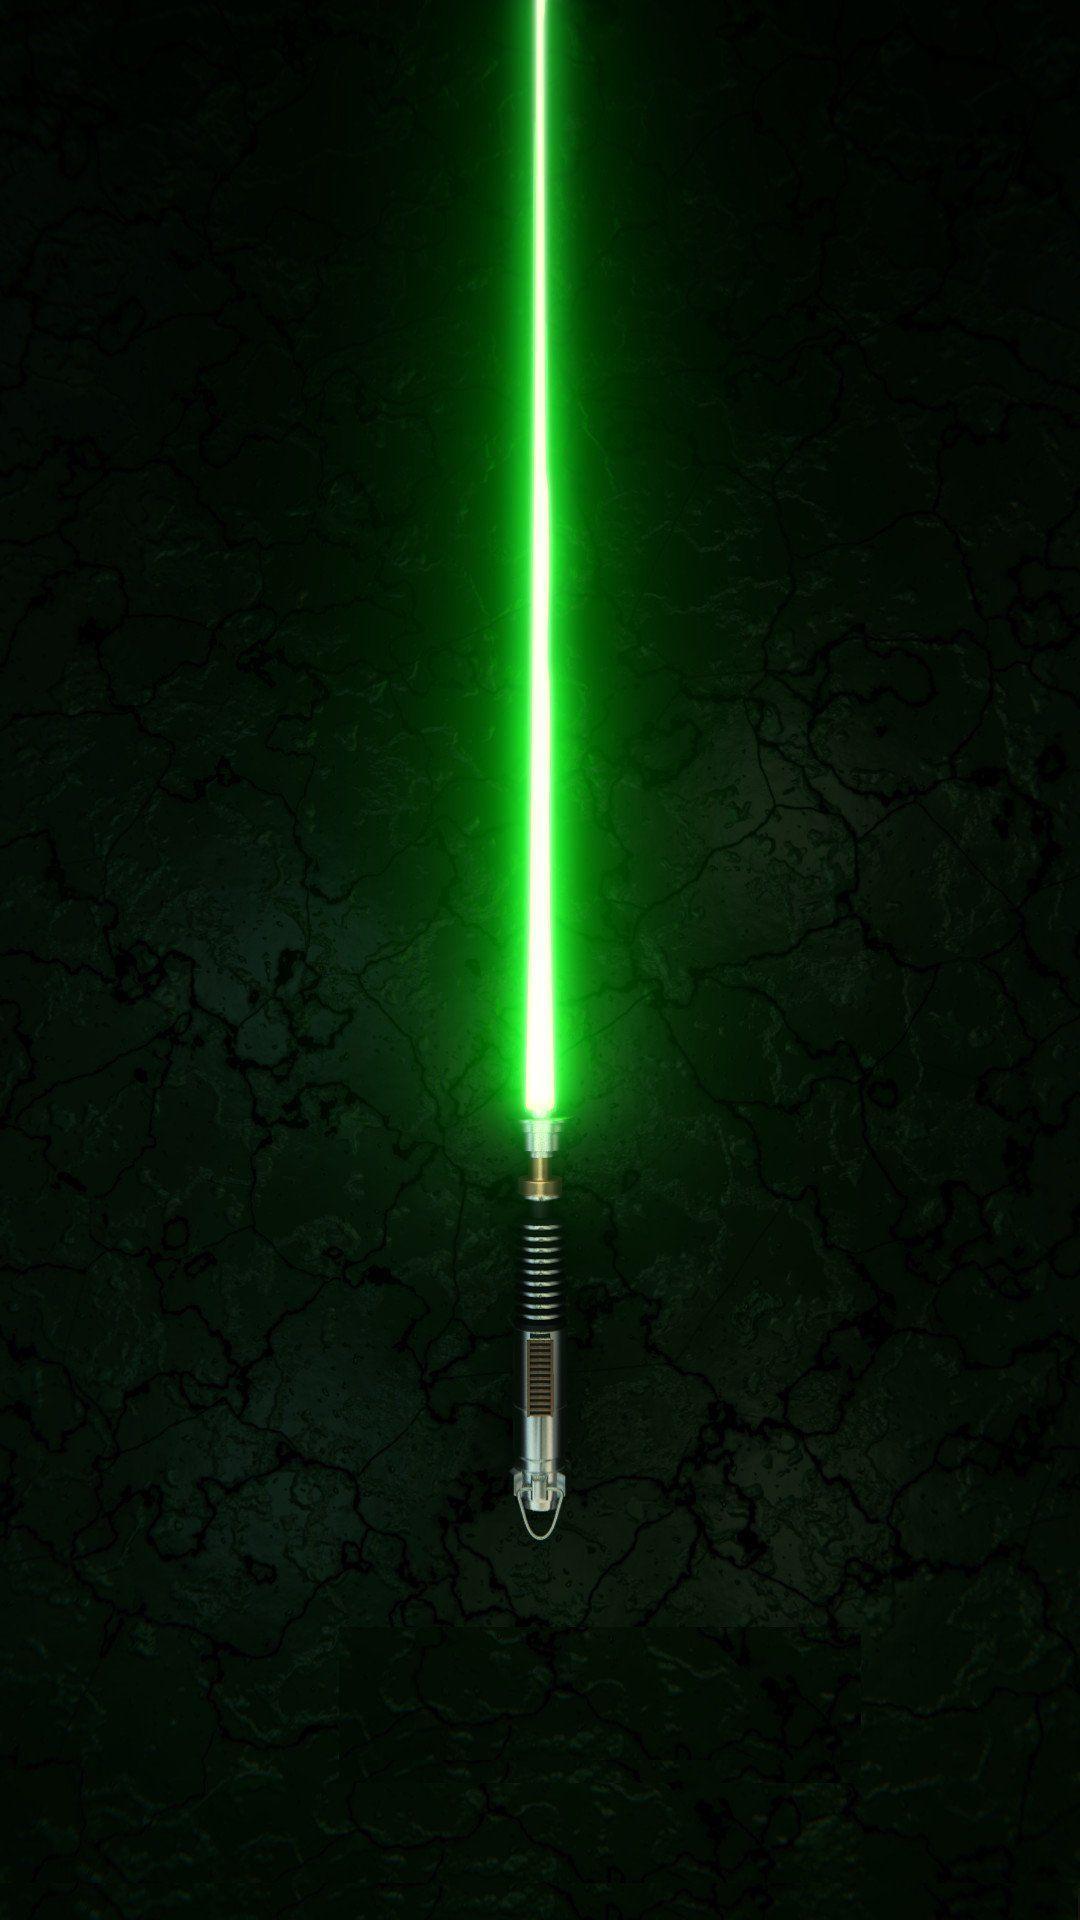 Green Lightsaber Wallpapers Top Free Green Lightsaber Backgrounds Wallpaperaccess